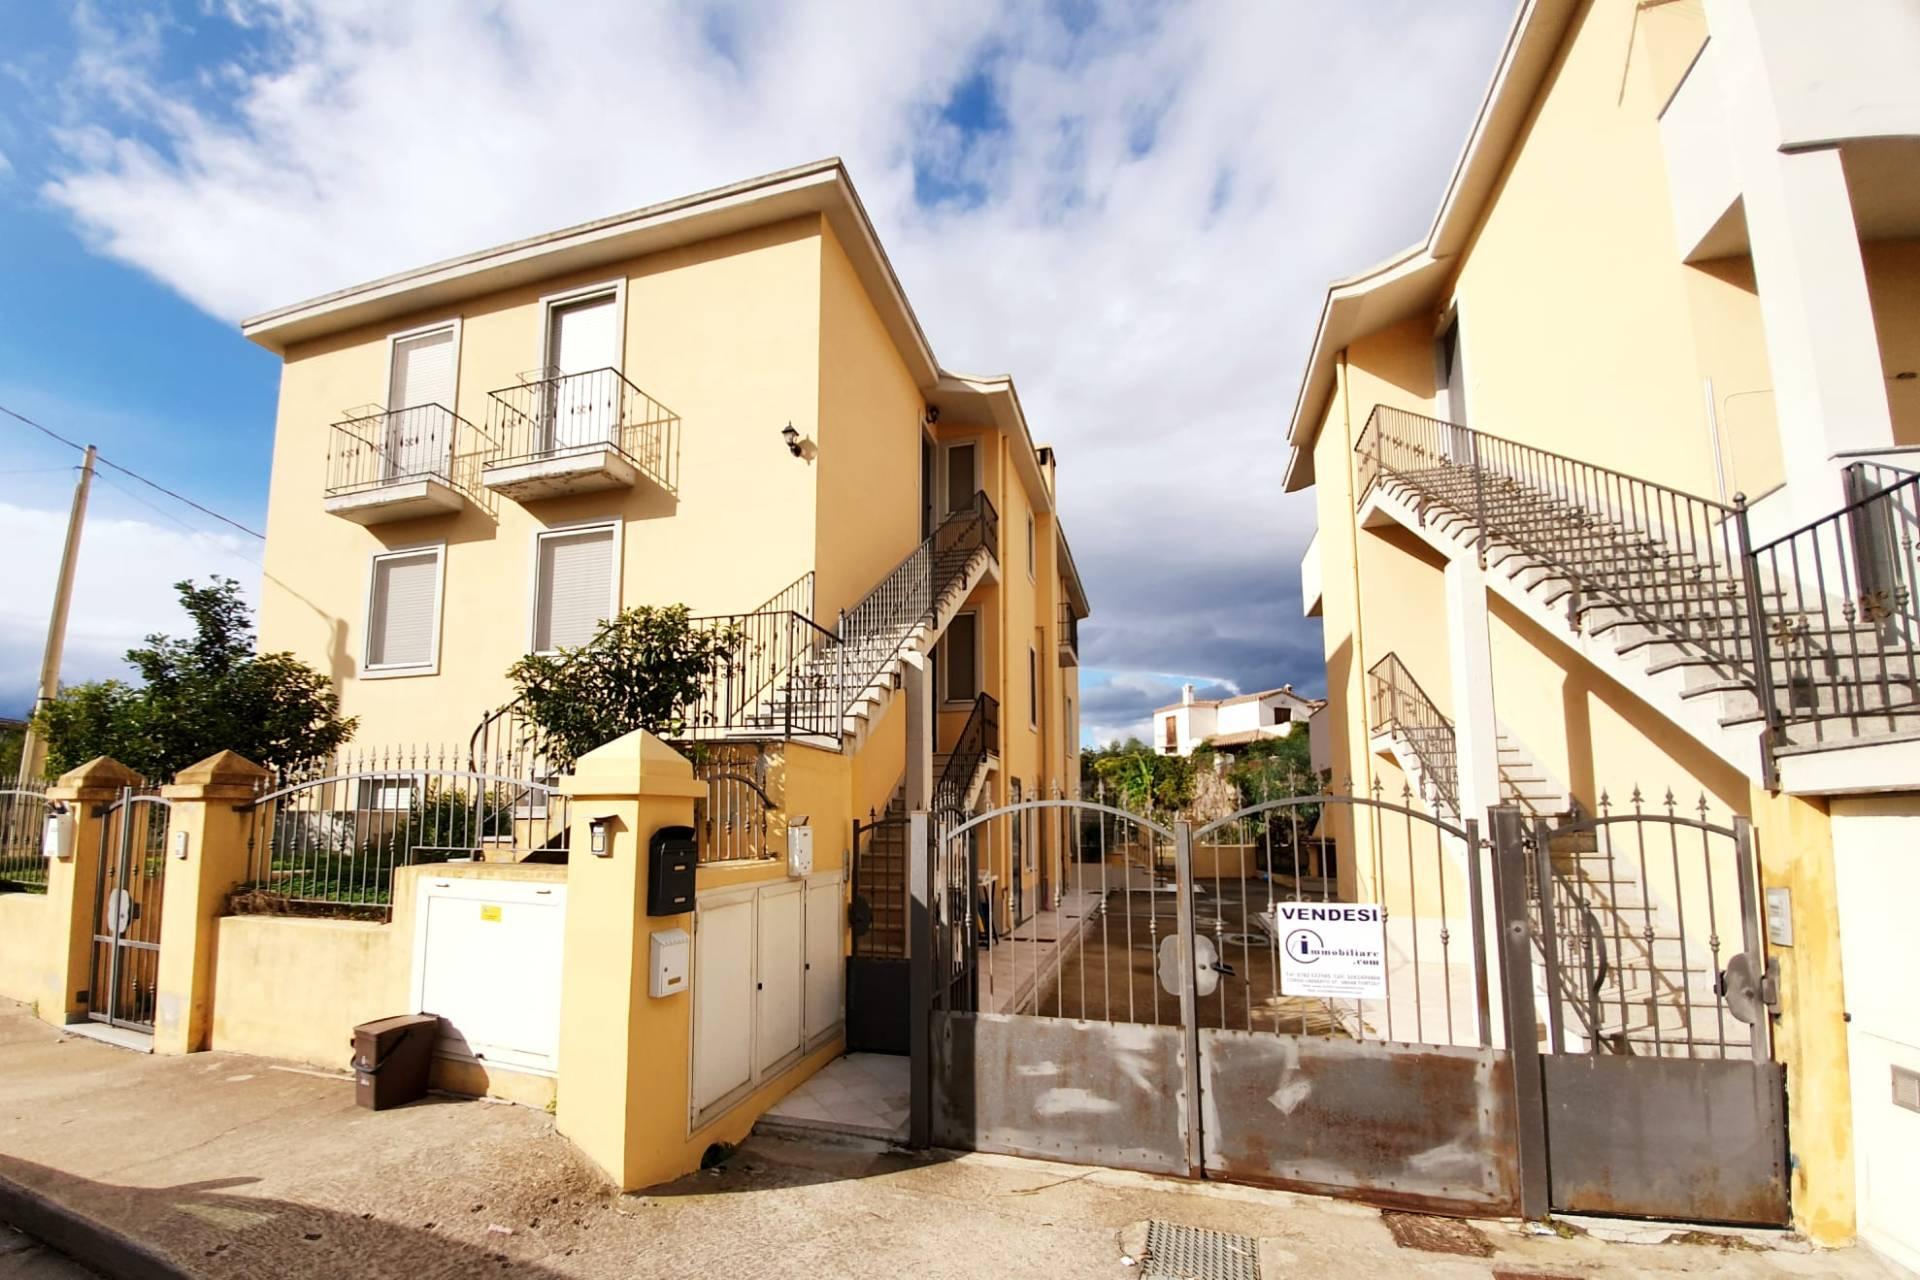 Appartamento in vendita a Tortolì, 5 locali, prezzo € 125.000 | PortaleAgenzieImmobiliari.it